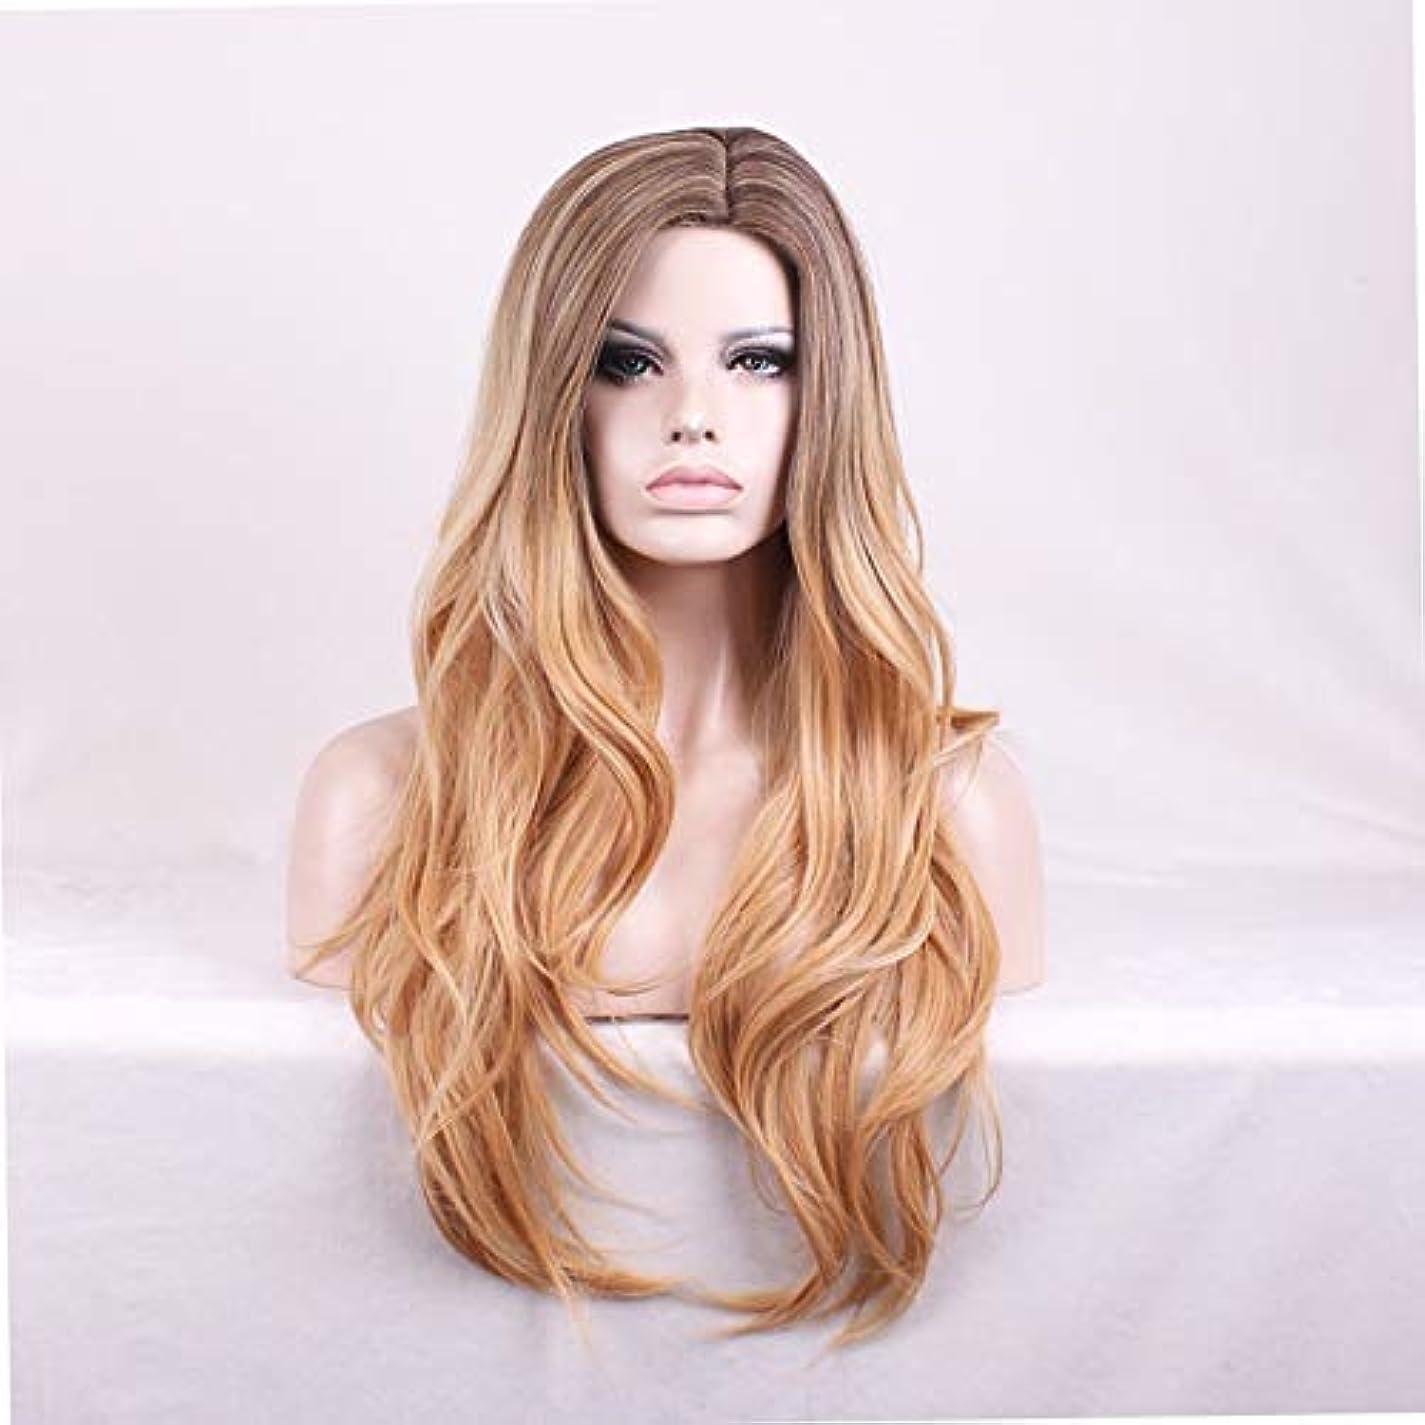 明日じゃがいもスロープかつらキャップウィッグロングファンシードレスカールウィッグ高品質の人工毛髪コスプレ高密度ウィッグ女性と女の子用ブラウンゴールドグラデーション